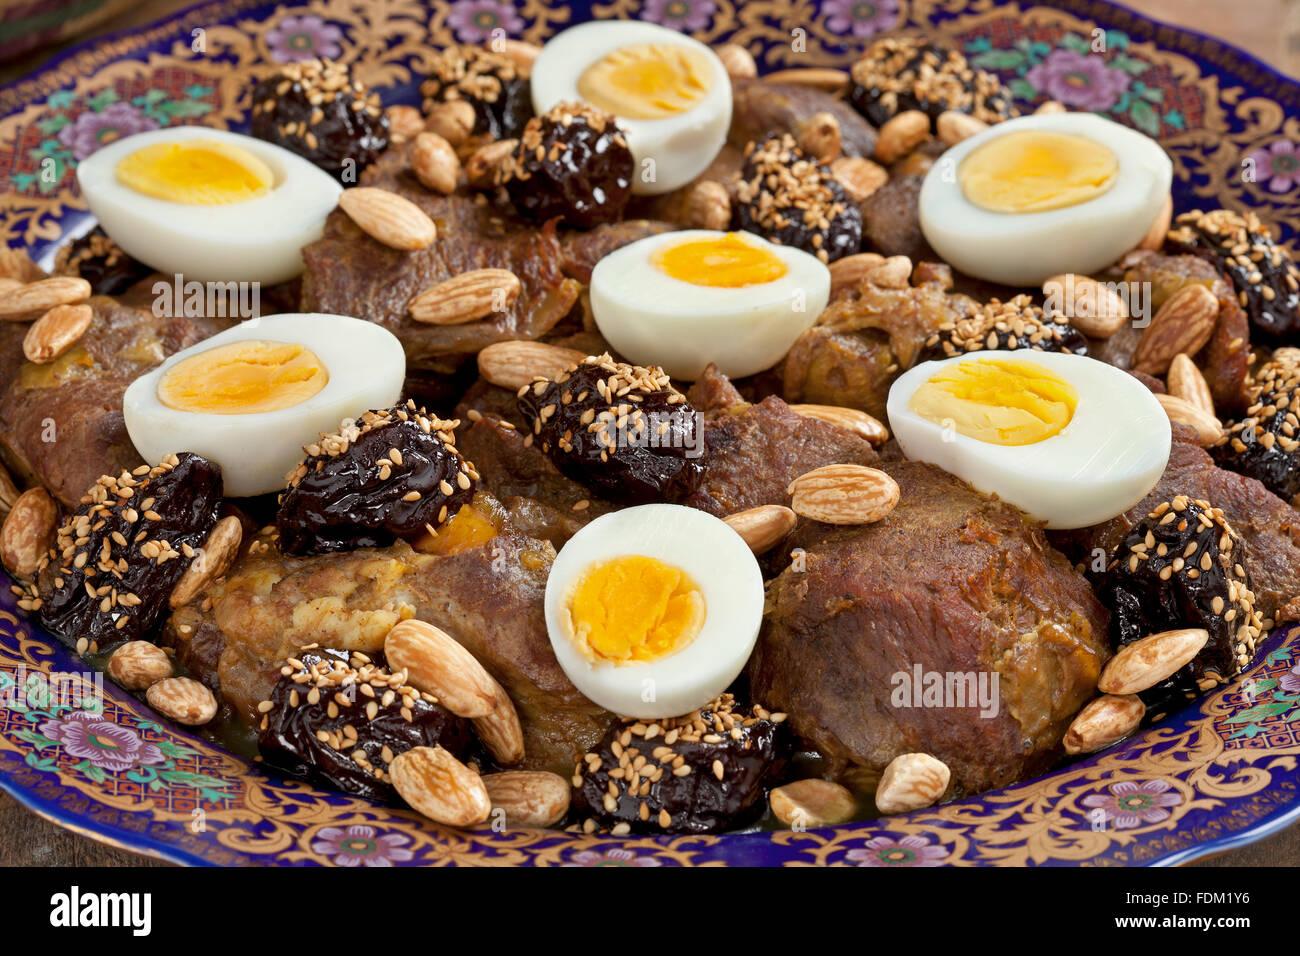 Festa marocchina piatto a base di carne, le prugne, le mandorle e le uova close up Immagini Stock